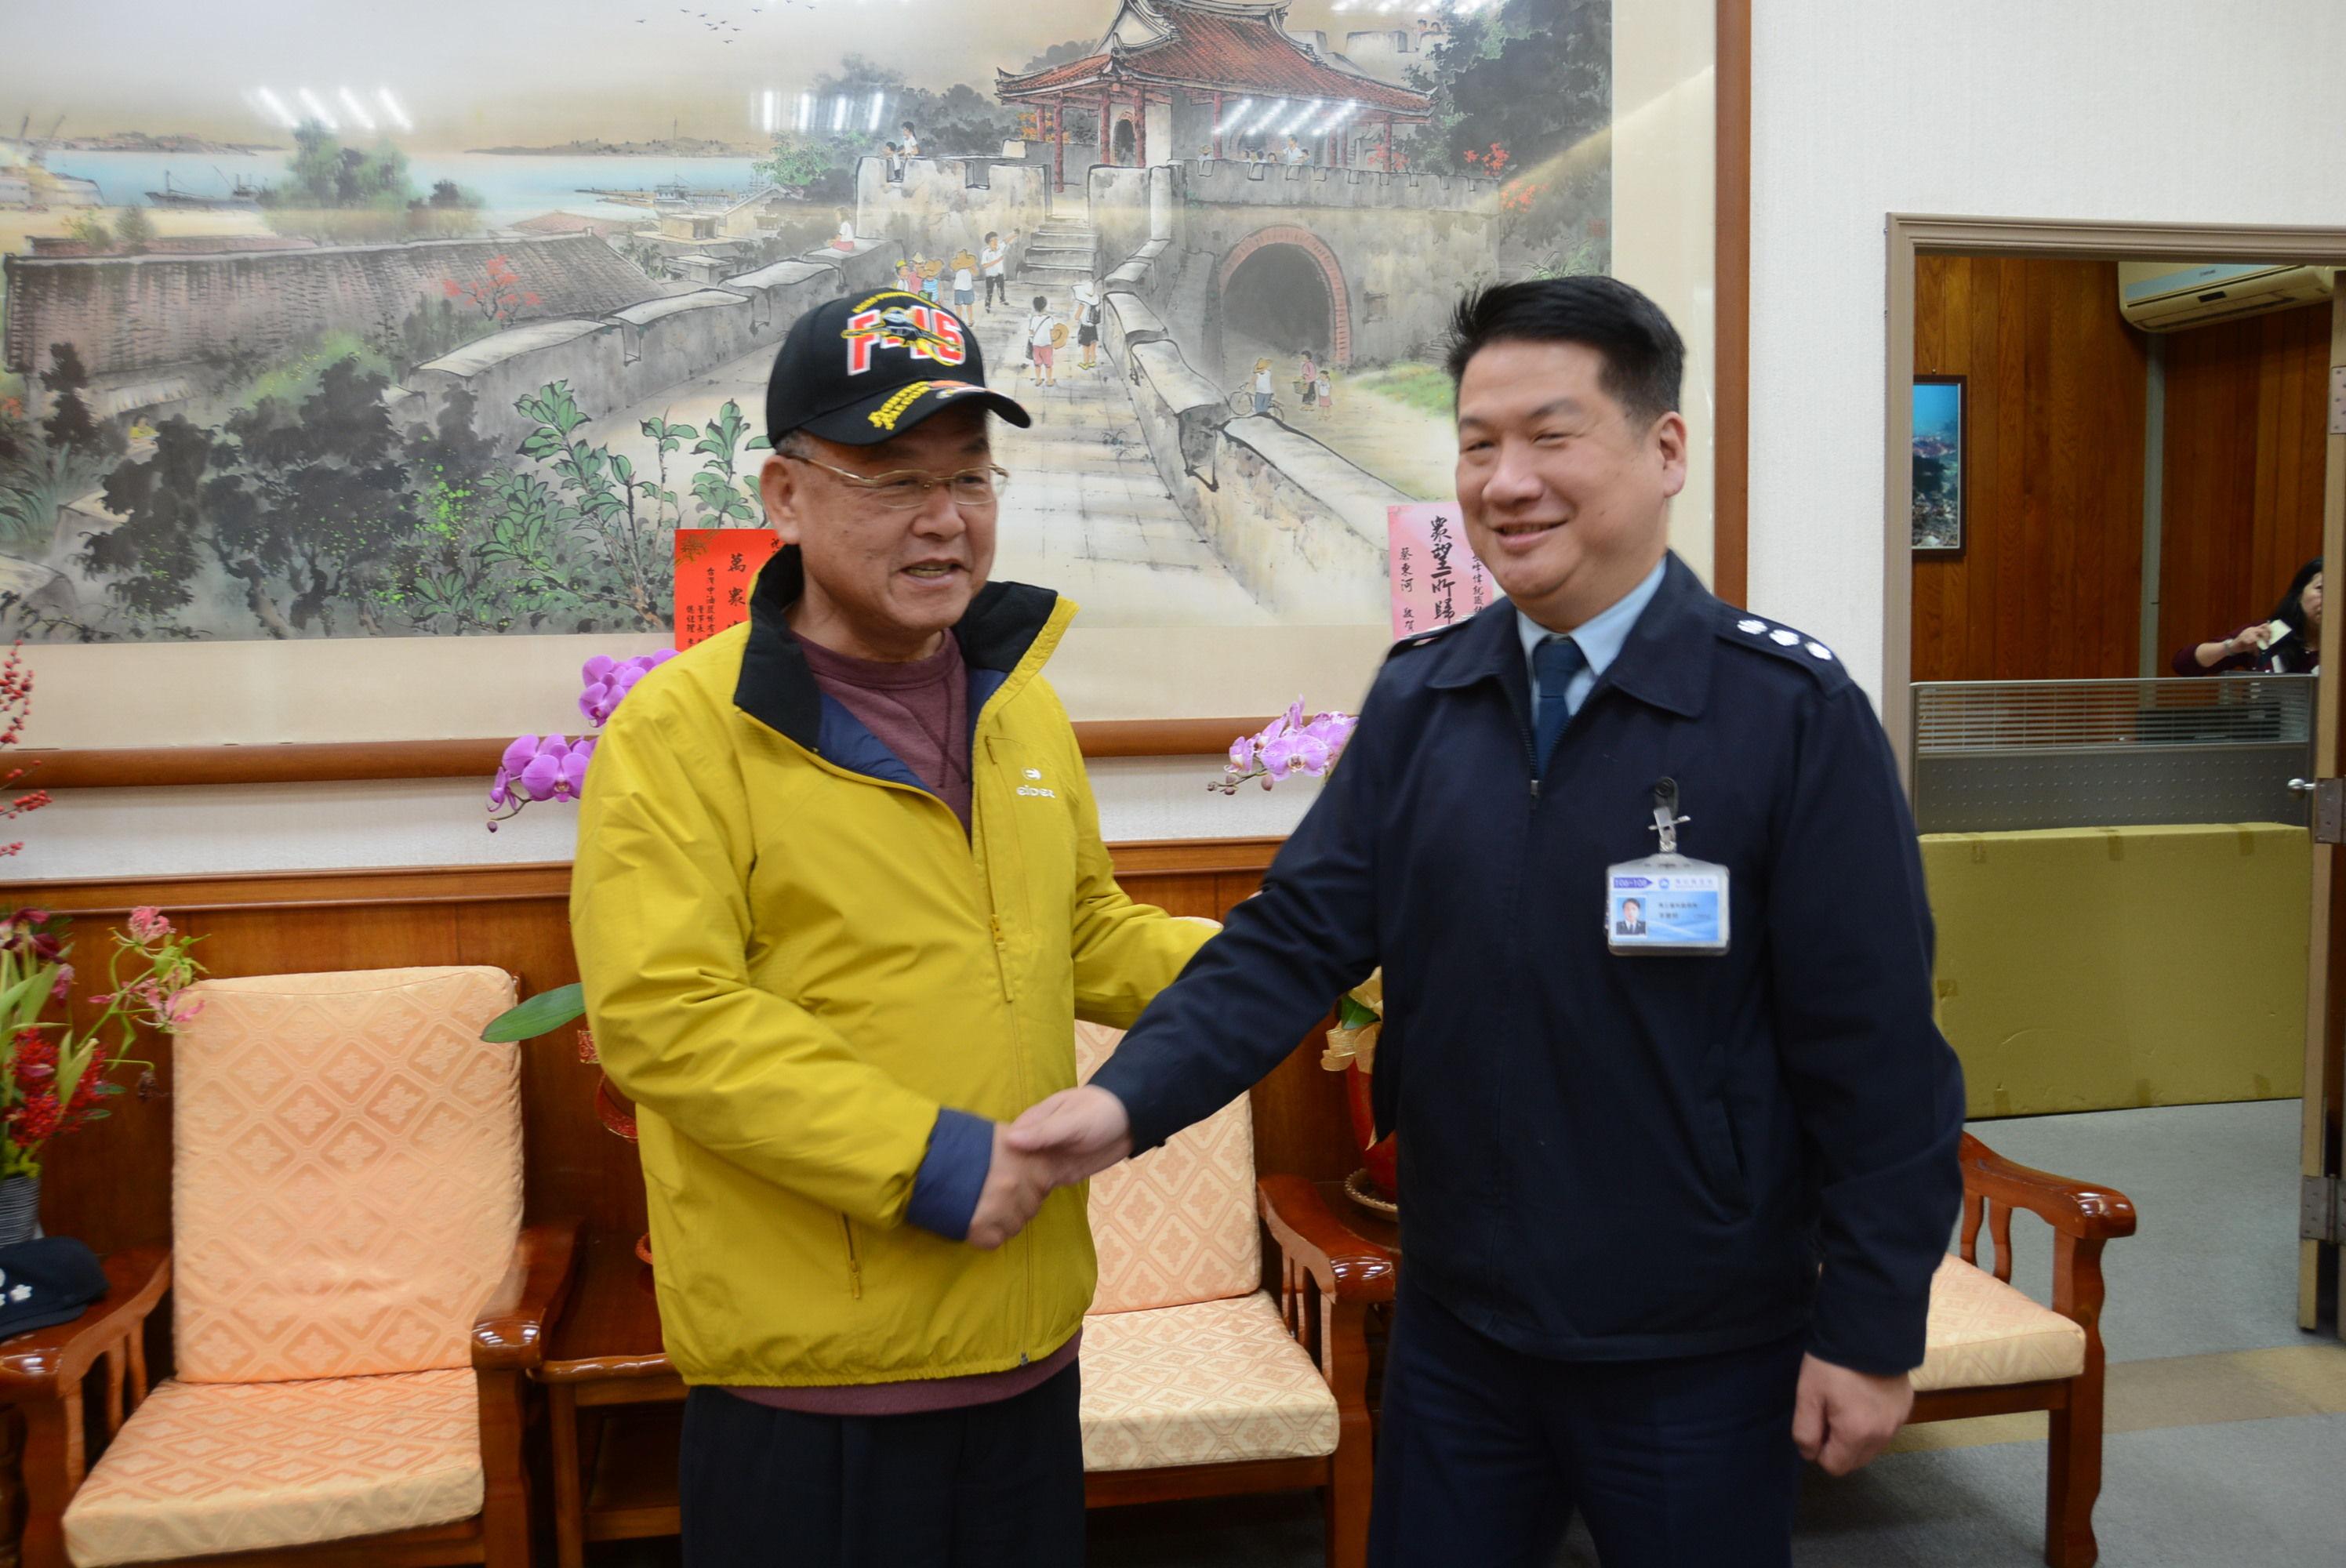 馬基隊長李慶熙拜會縣長賴峰偉